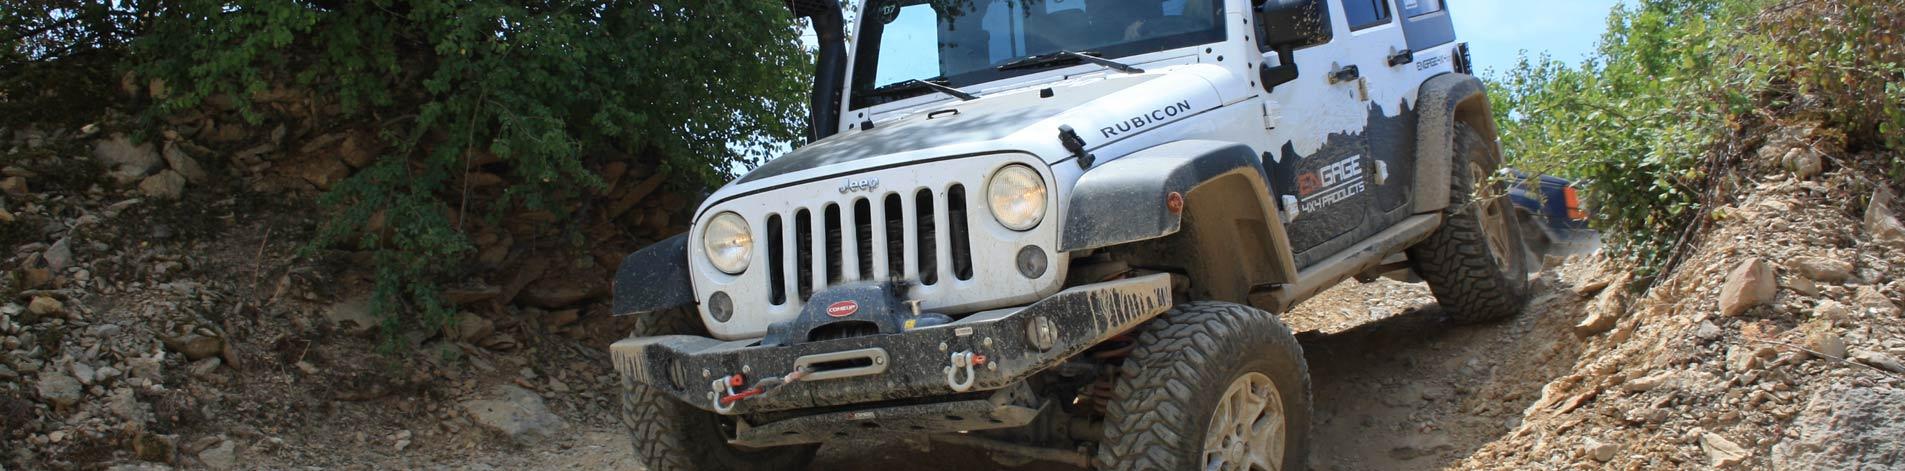 Jeep JK Zubehör und Ausrüstung mit TÜV